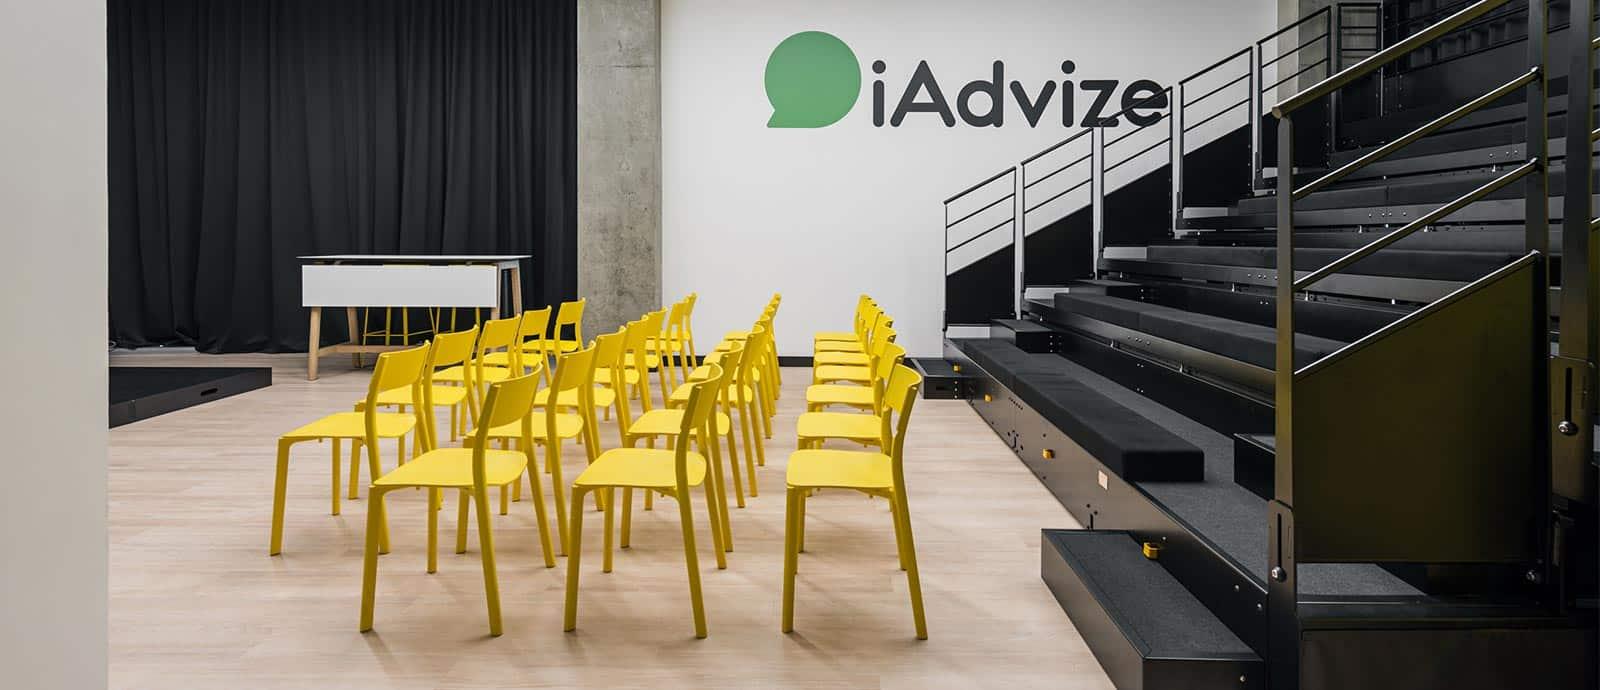 iAdvize HQ